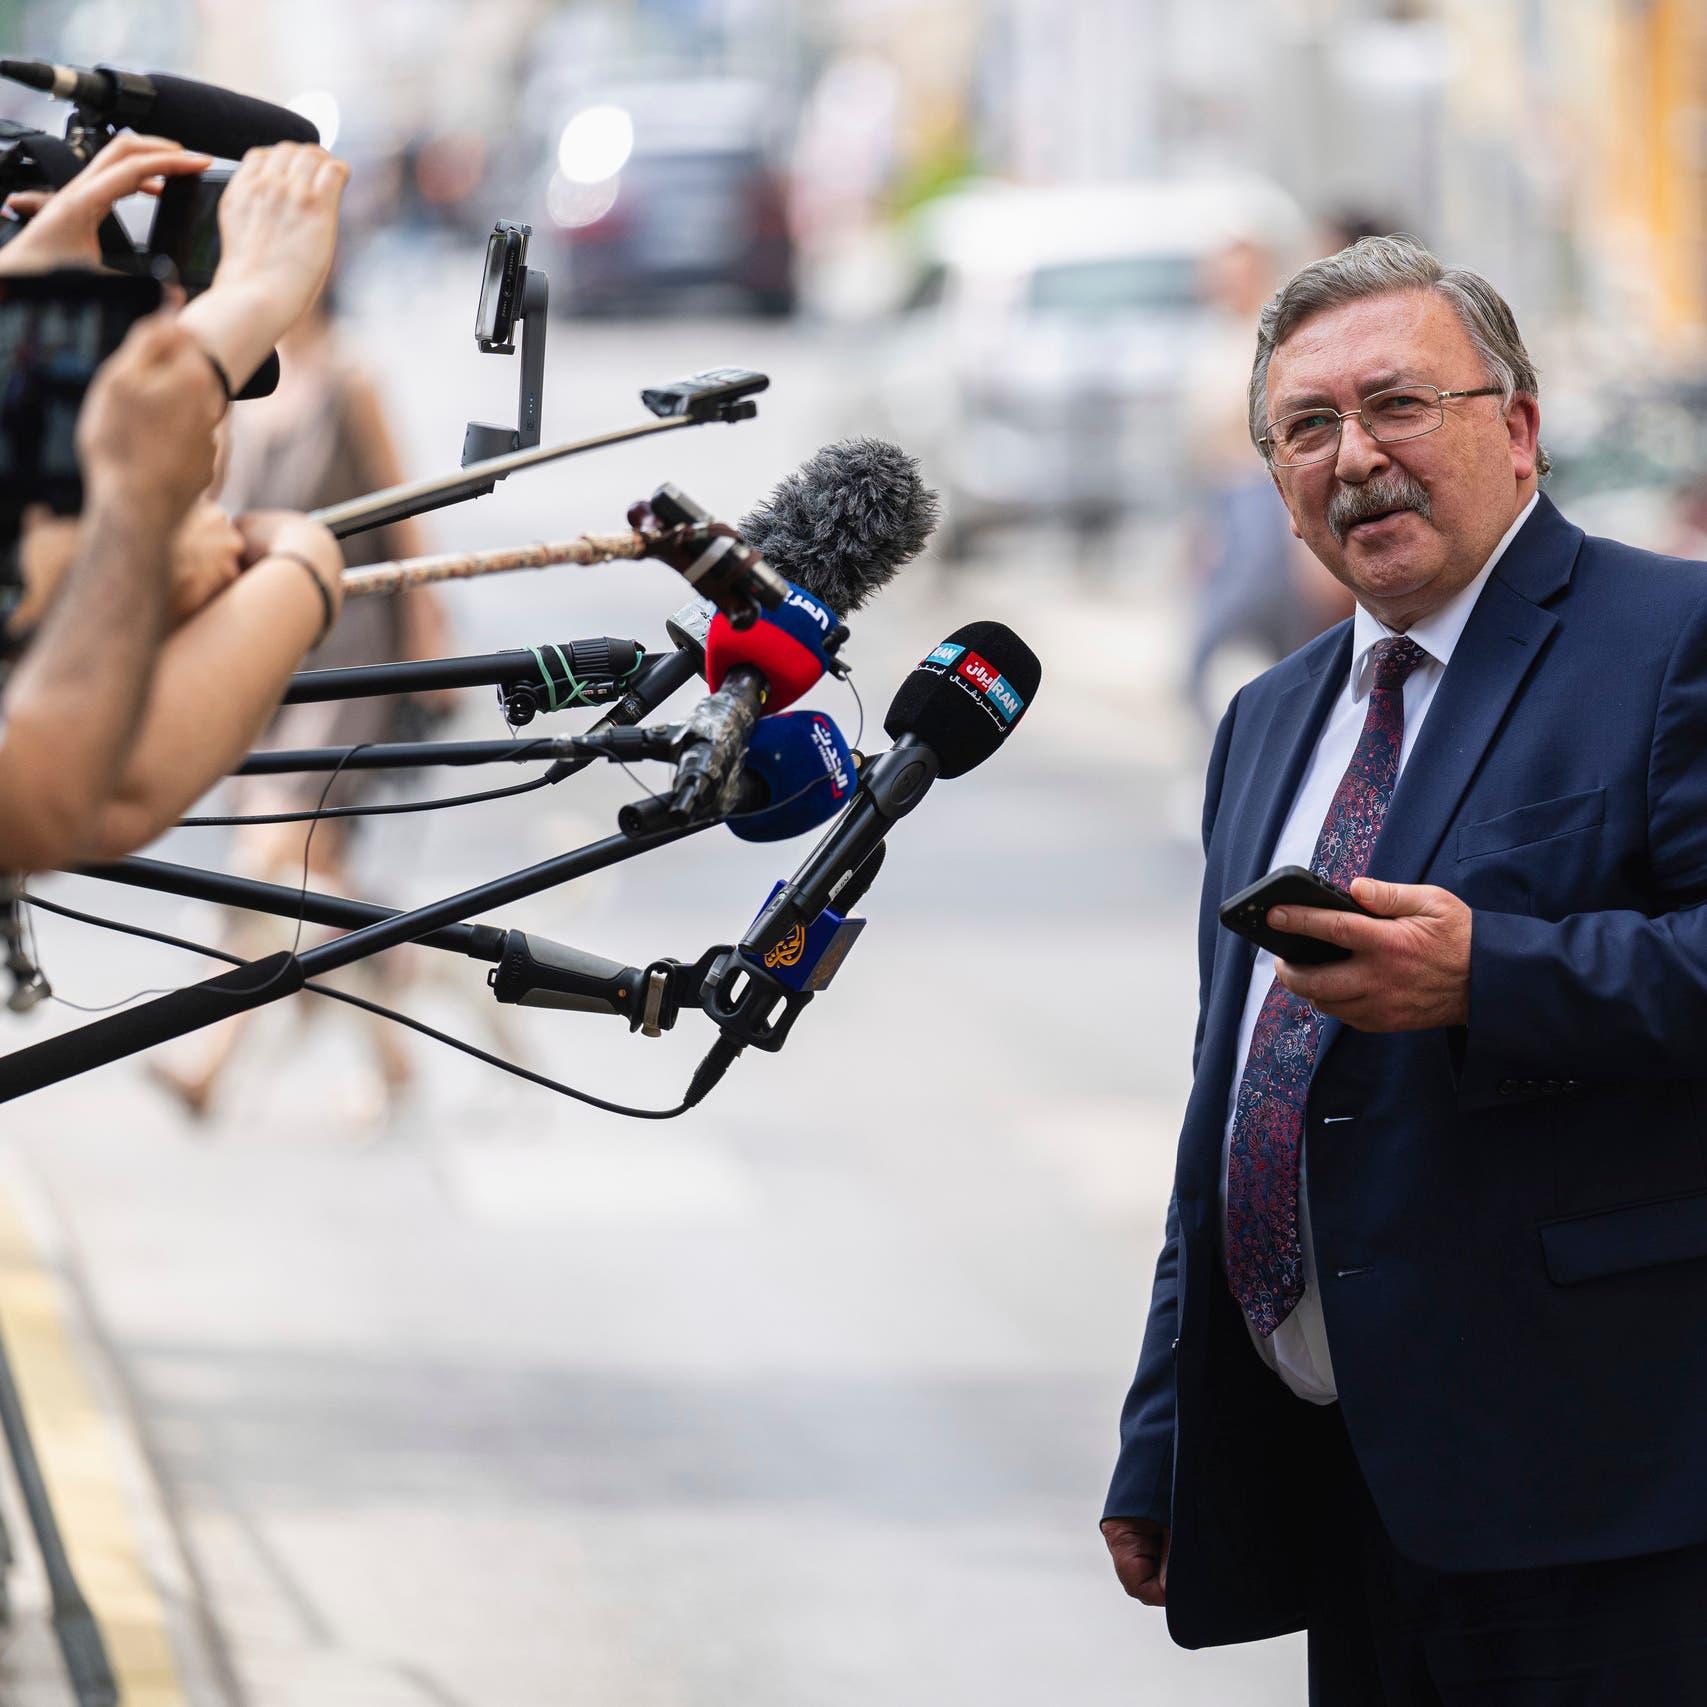 مندوب روسيا: العودة إلى مفاوضات فيينا مع إيران مسألة وقت